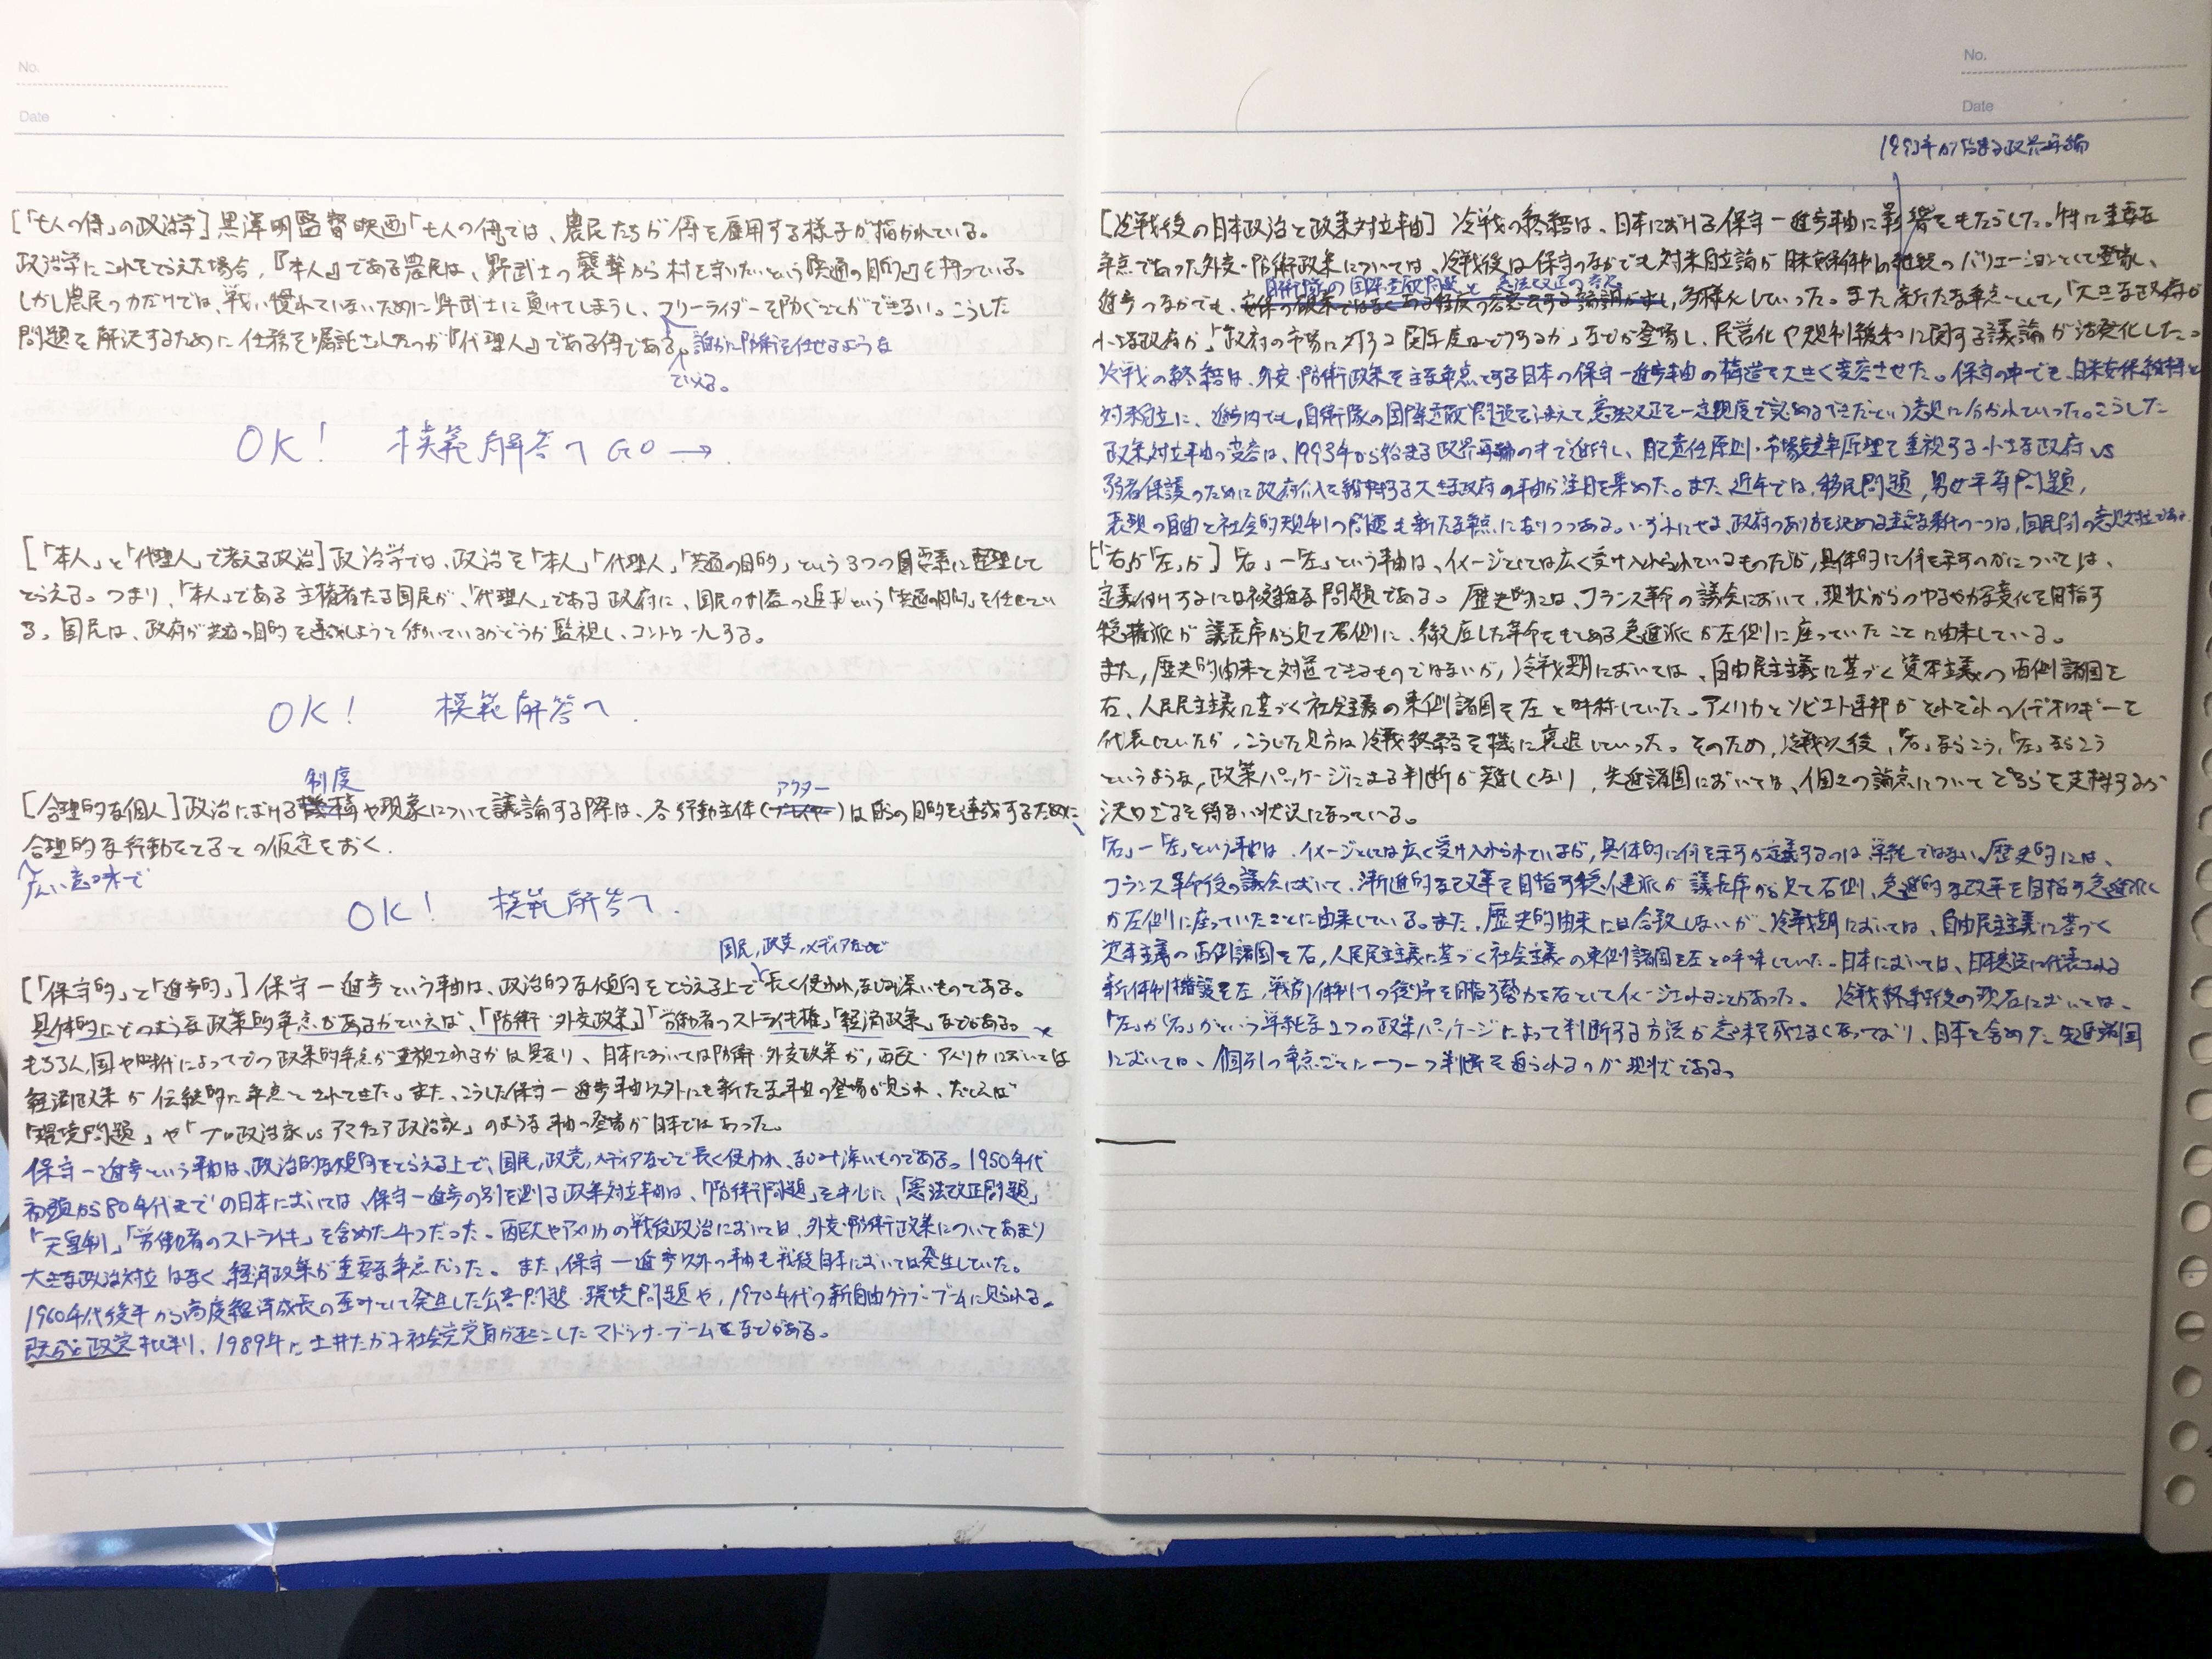 2回目の採点を終えた後のテスト用ノートの様子。1回目と比べて格段にかけていることがわかる。